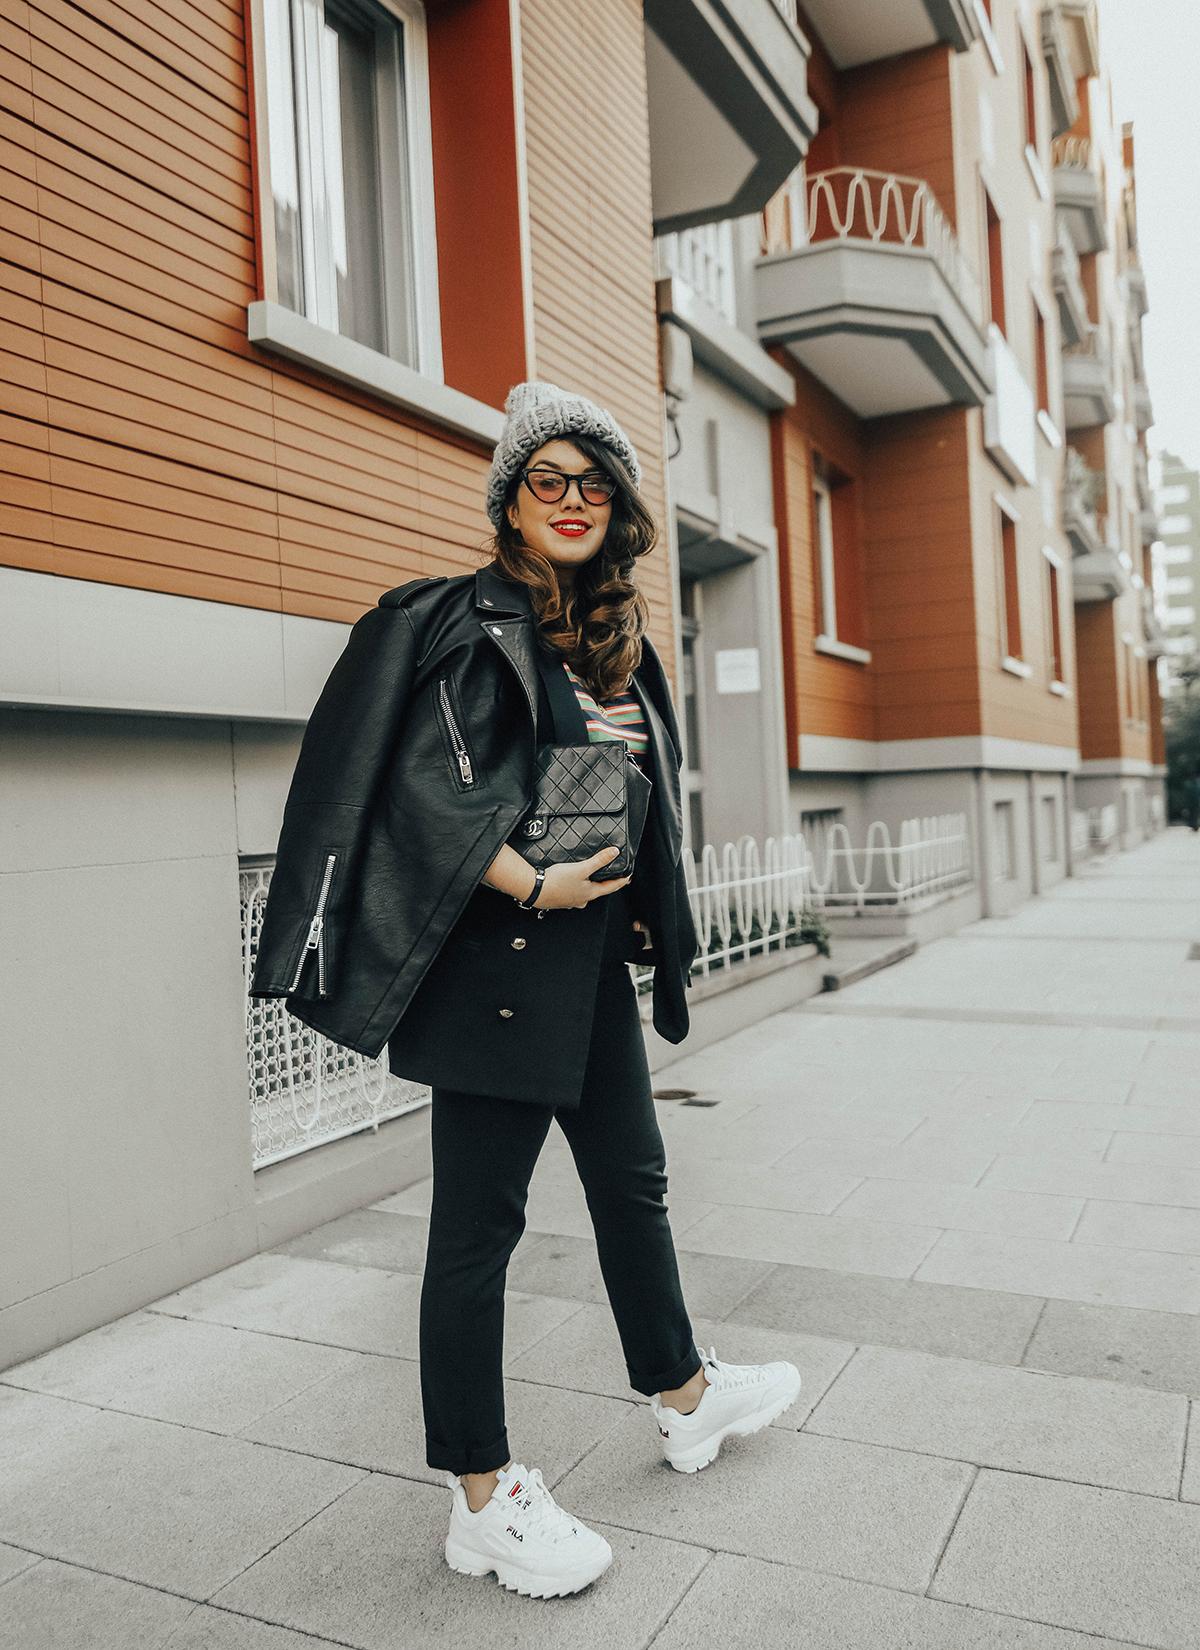 gigi-x-vogue-eyewear-cat-eye-sunglasses-streetstyle-myblueberrynightsblog14